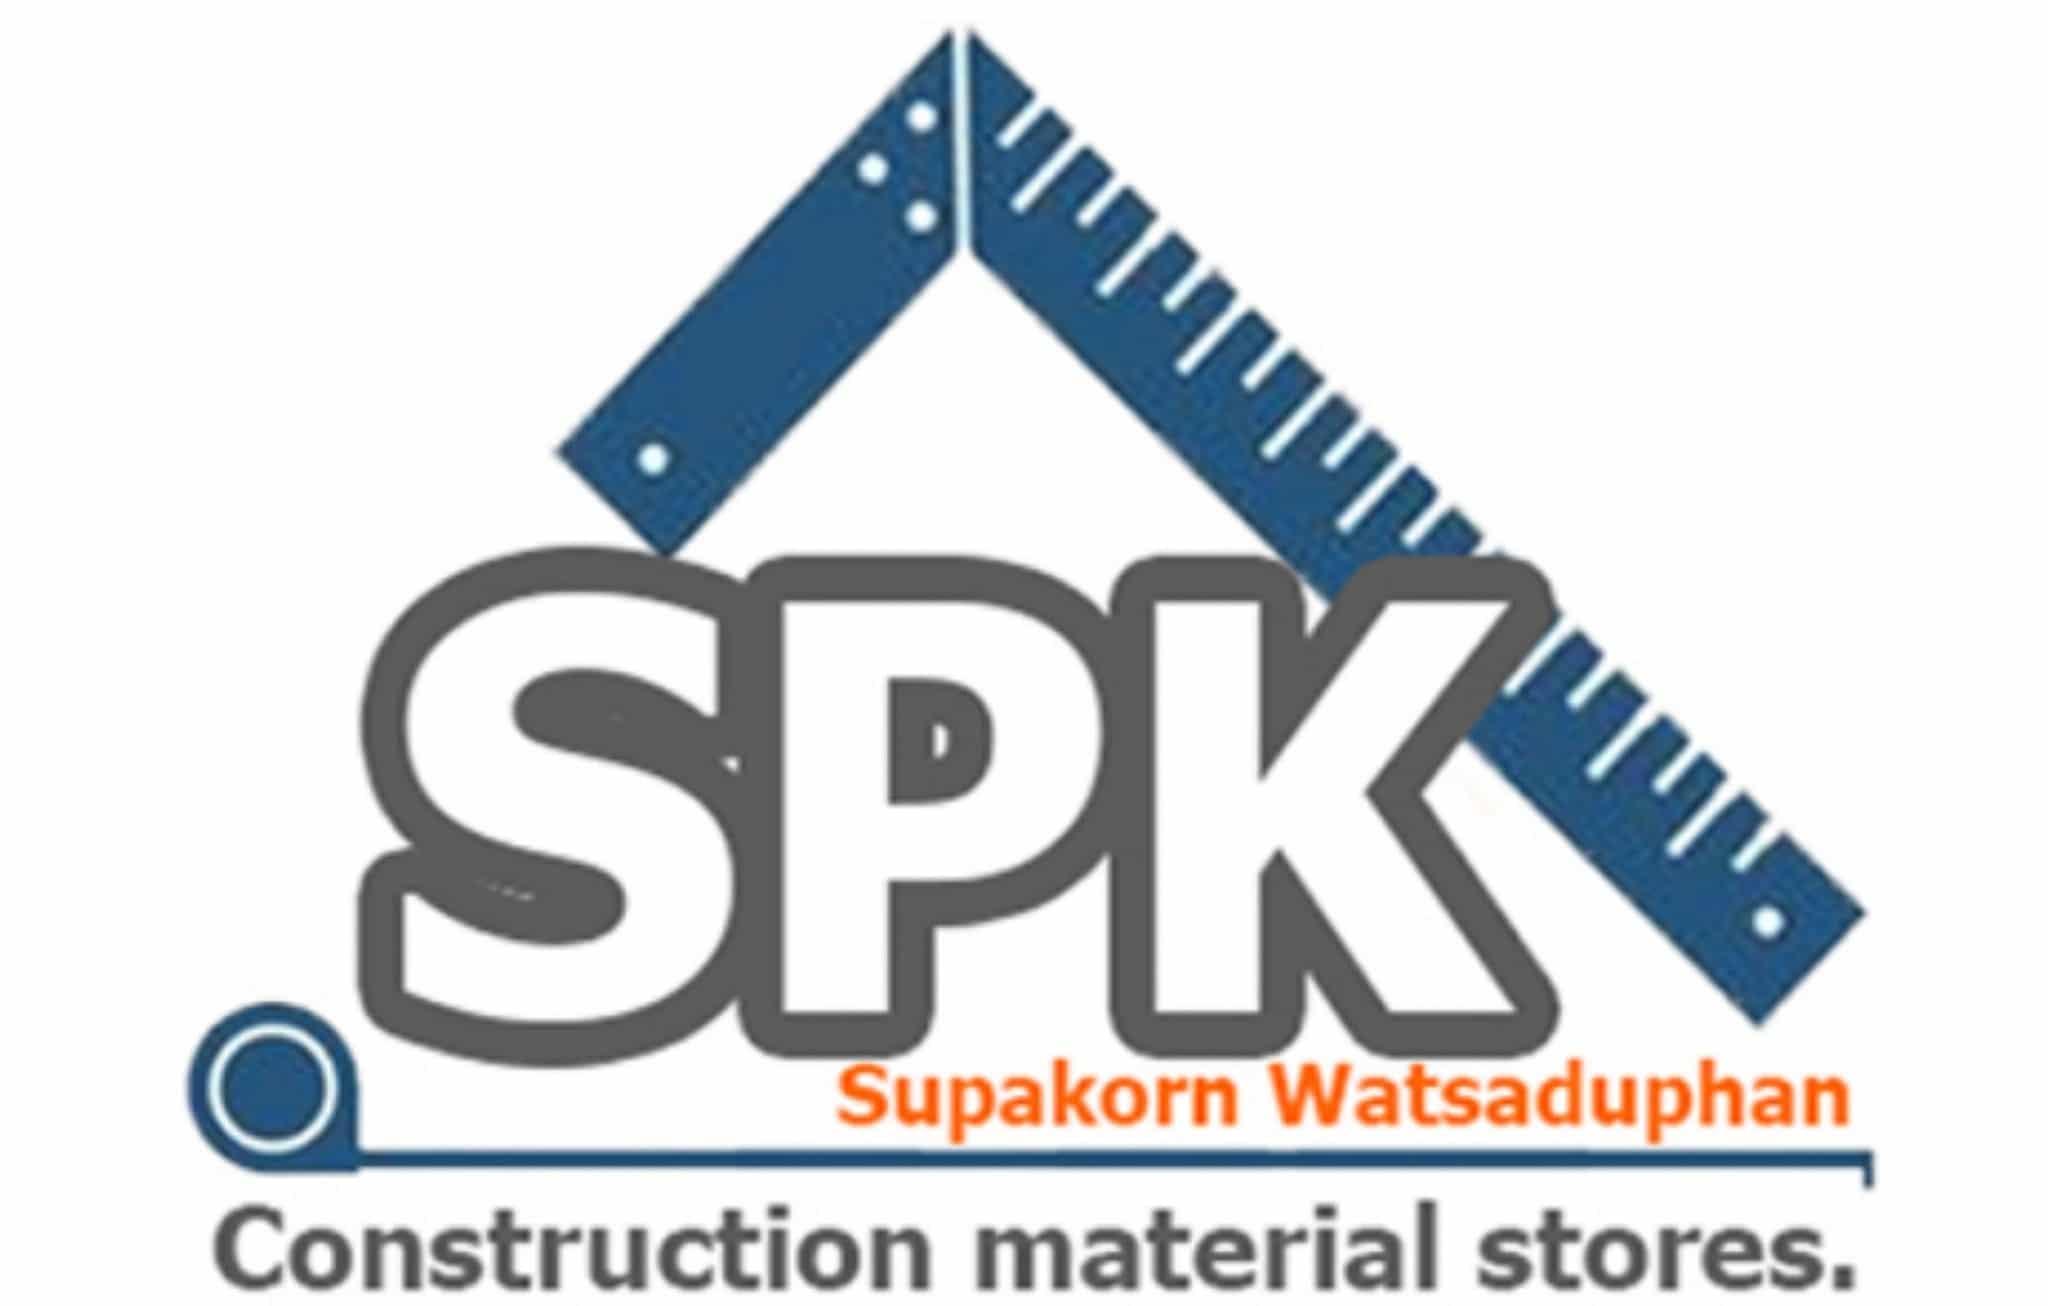 ศุภกรวัสดุภัณฑ์ จำหน่ายวัสดุก่อสร้าง - SUPAKORNWATSADUPHAN